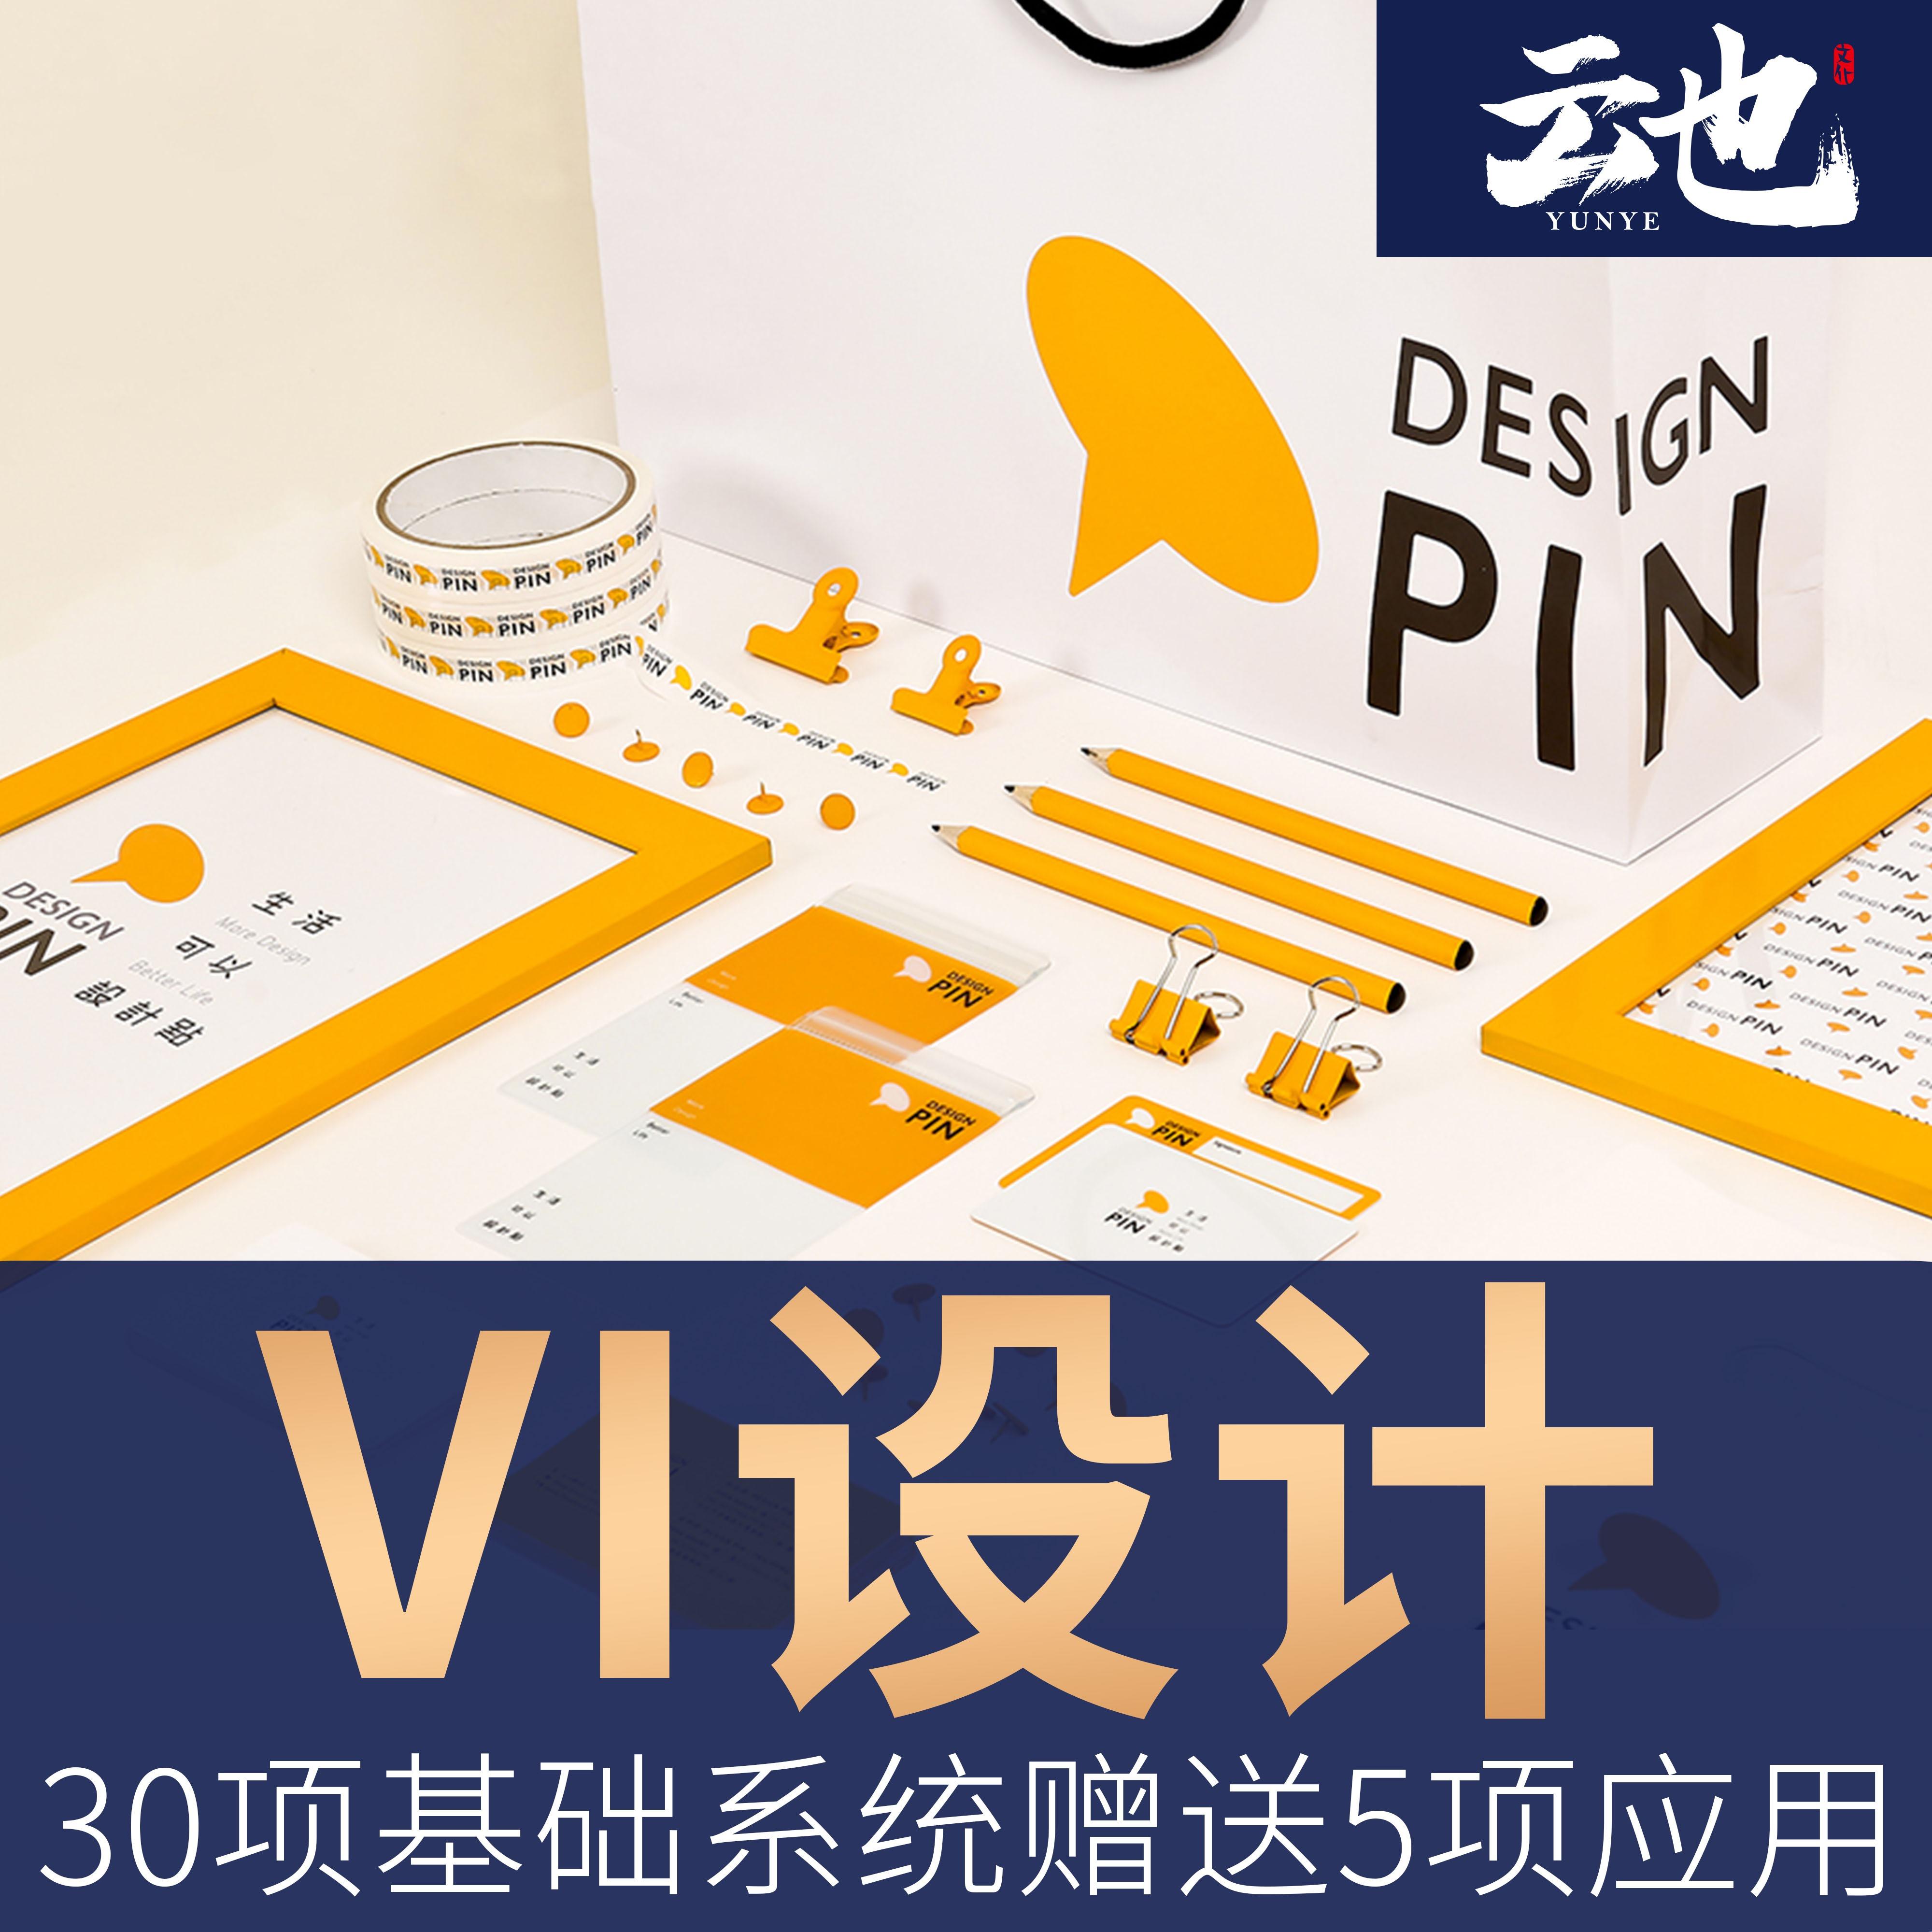 房产建设套餐04全套vi设计企业VI设计金融地产餐饮互联网